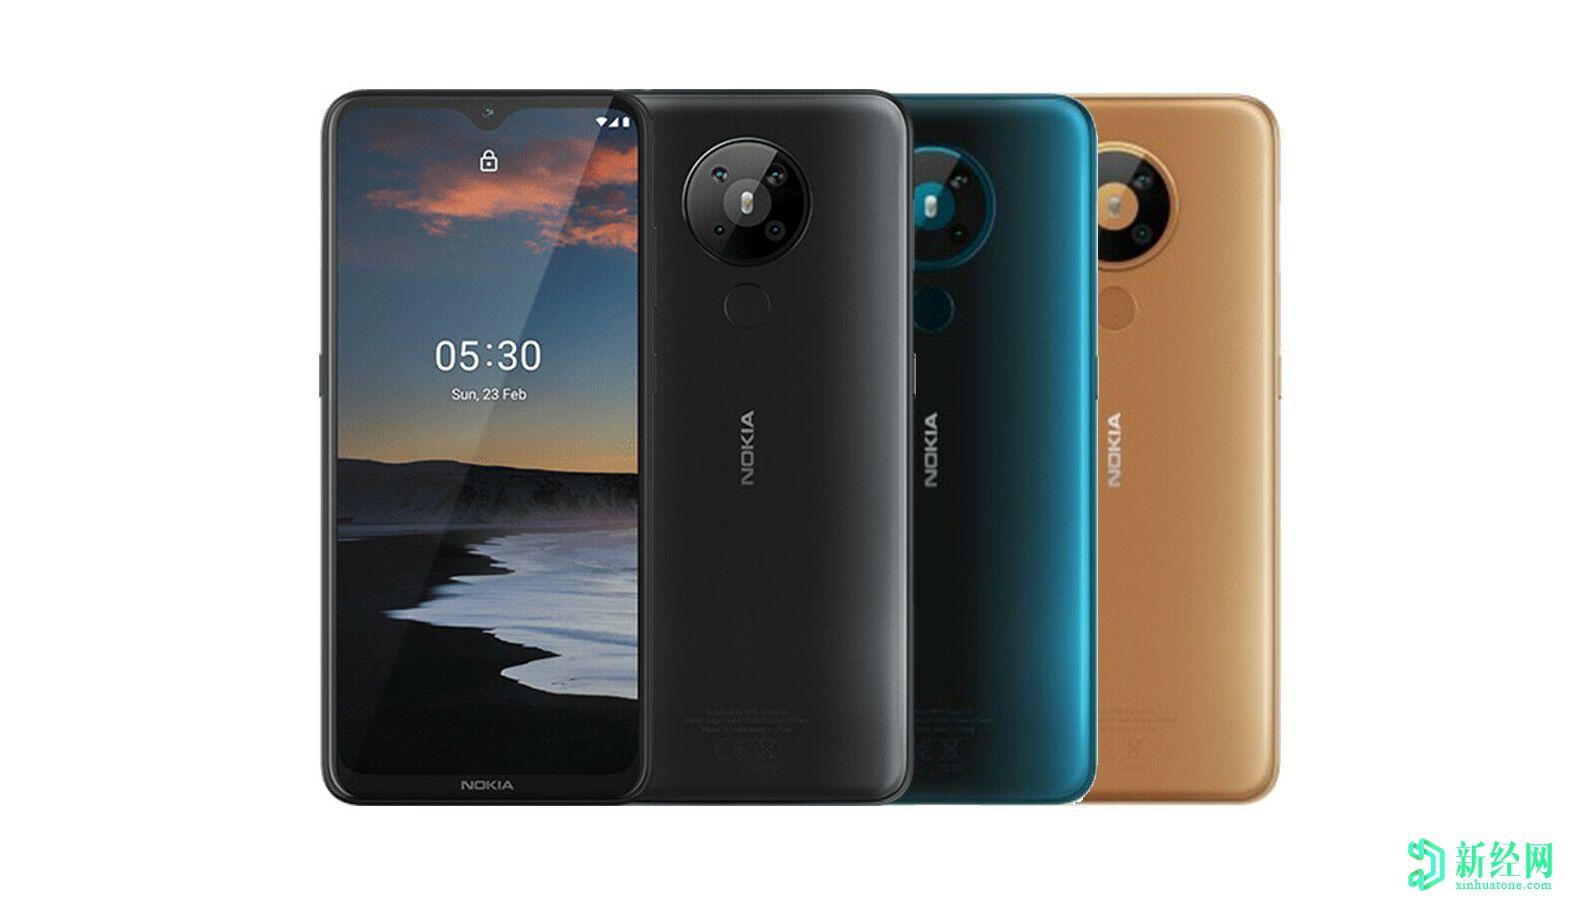 诺基亚5.3以及其他价格实惠的手机可能会在本月推出